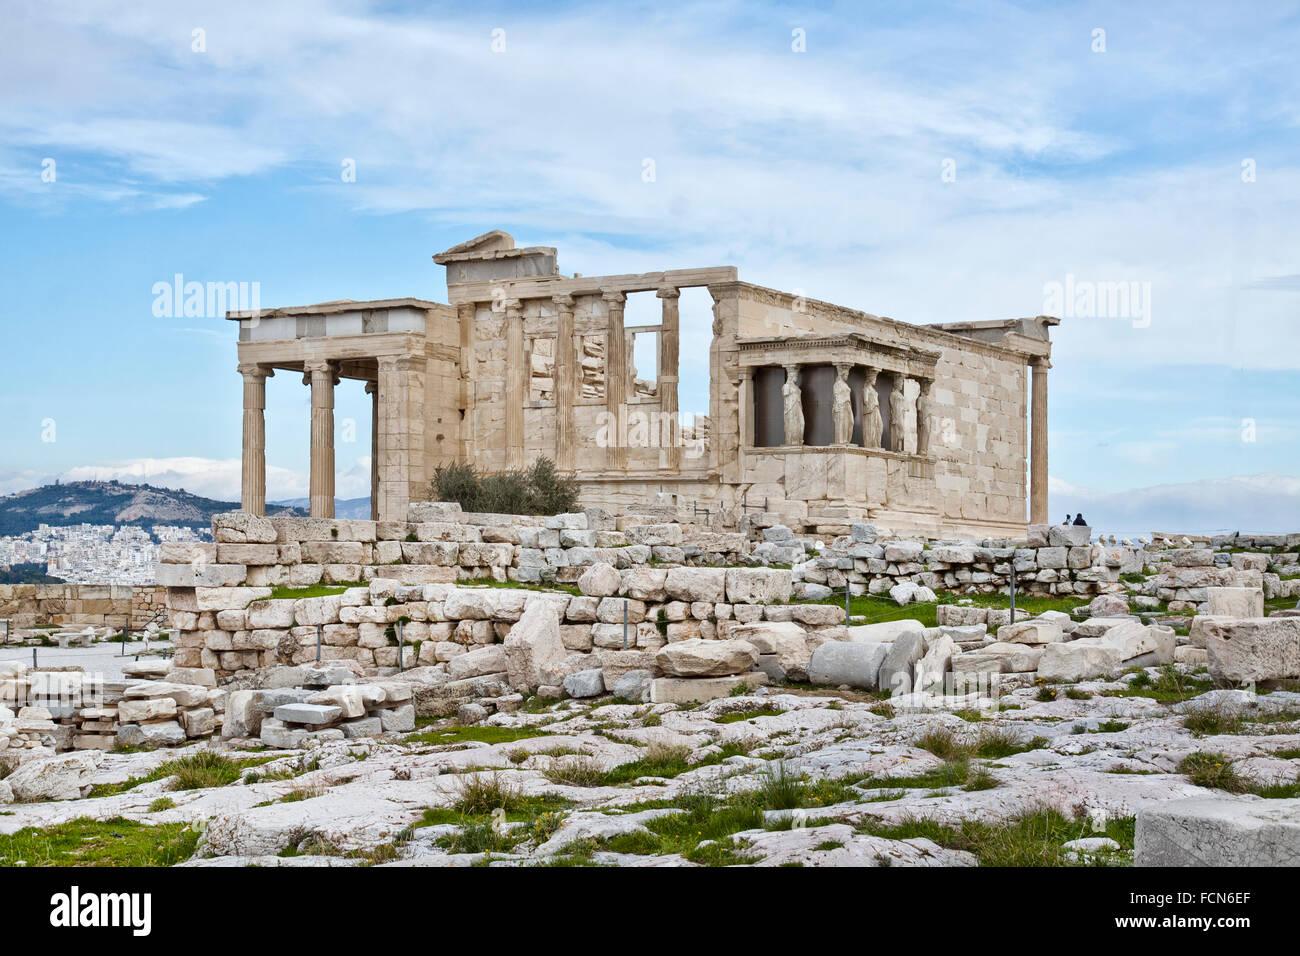 L'erechtheion est un ancien temple grec sur le côté nord de l'acropole d'Athènes en Grèce. Photo Stock